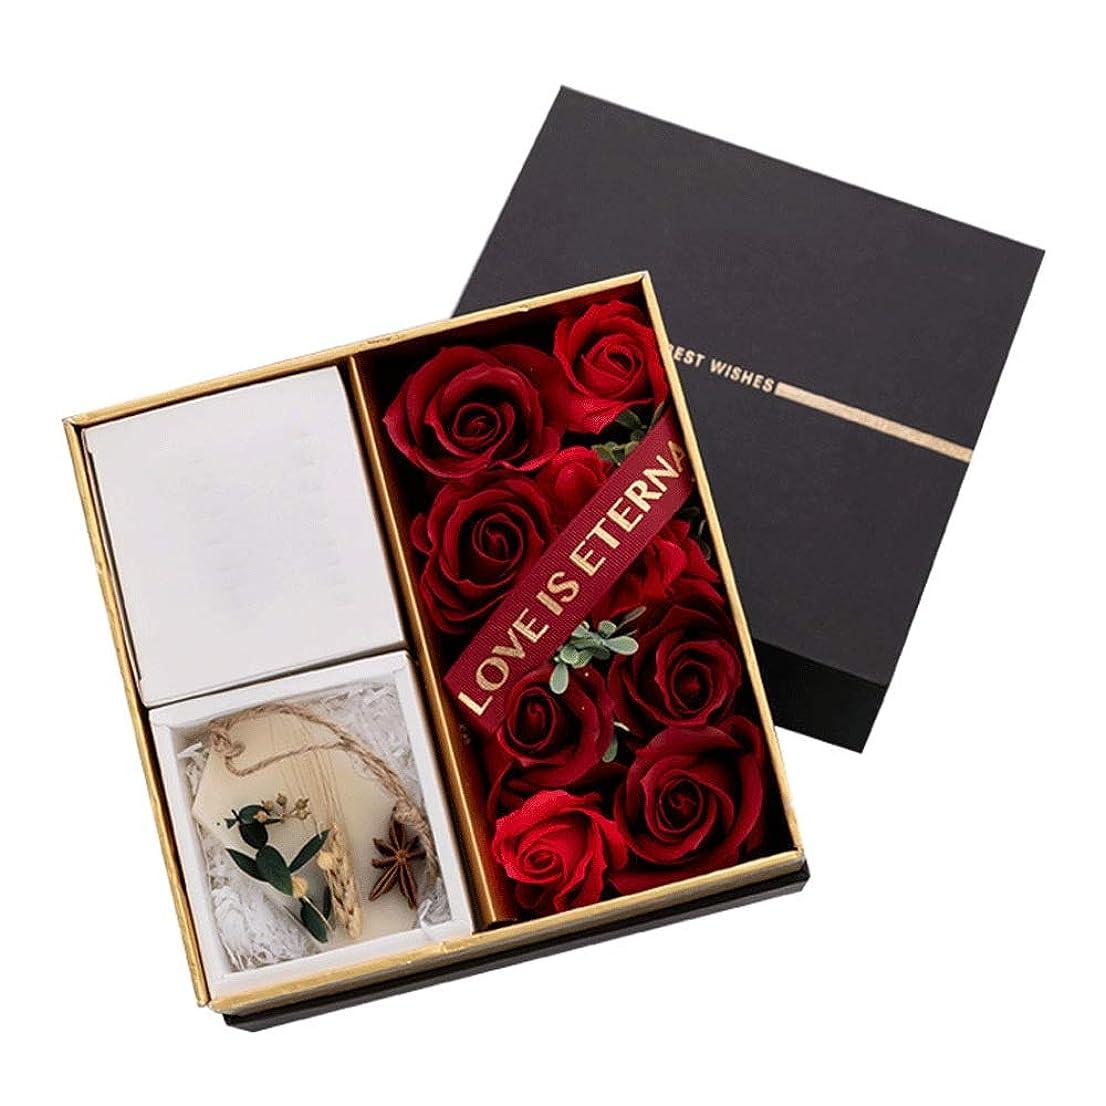 うっかりどれでも普遍的な手作り保存花 アロマテラピーキャンドルで枯れたバラのギフトボックス保存された花バラ彼女の恋人のための不滅の花ギフトバレンタインデー記念日誕生日感謝祭 プリザーブドフラワー (Color : Black, Size : 20cm*20cm*13cm)